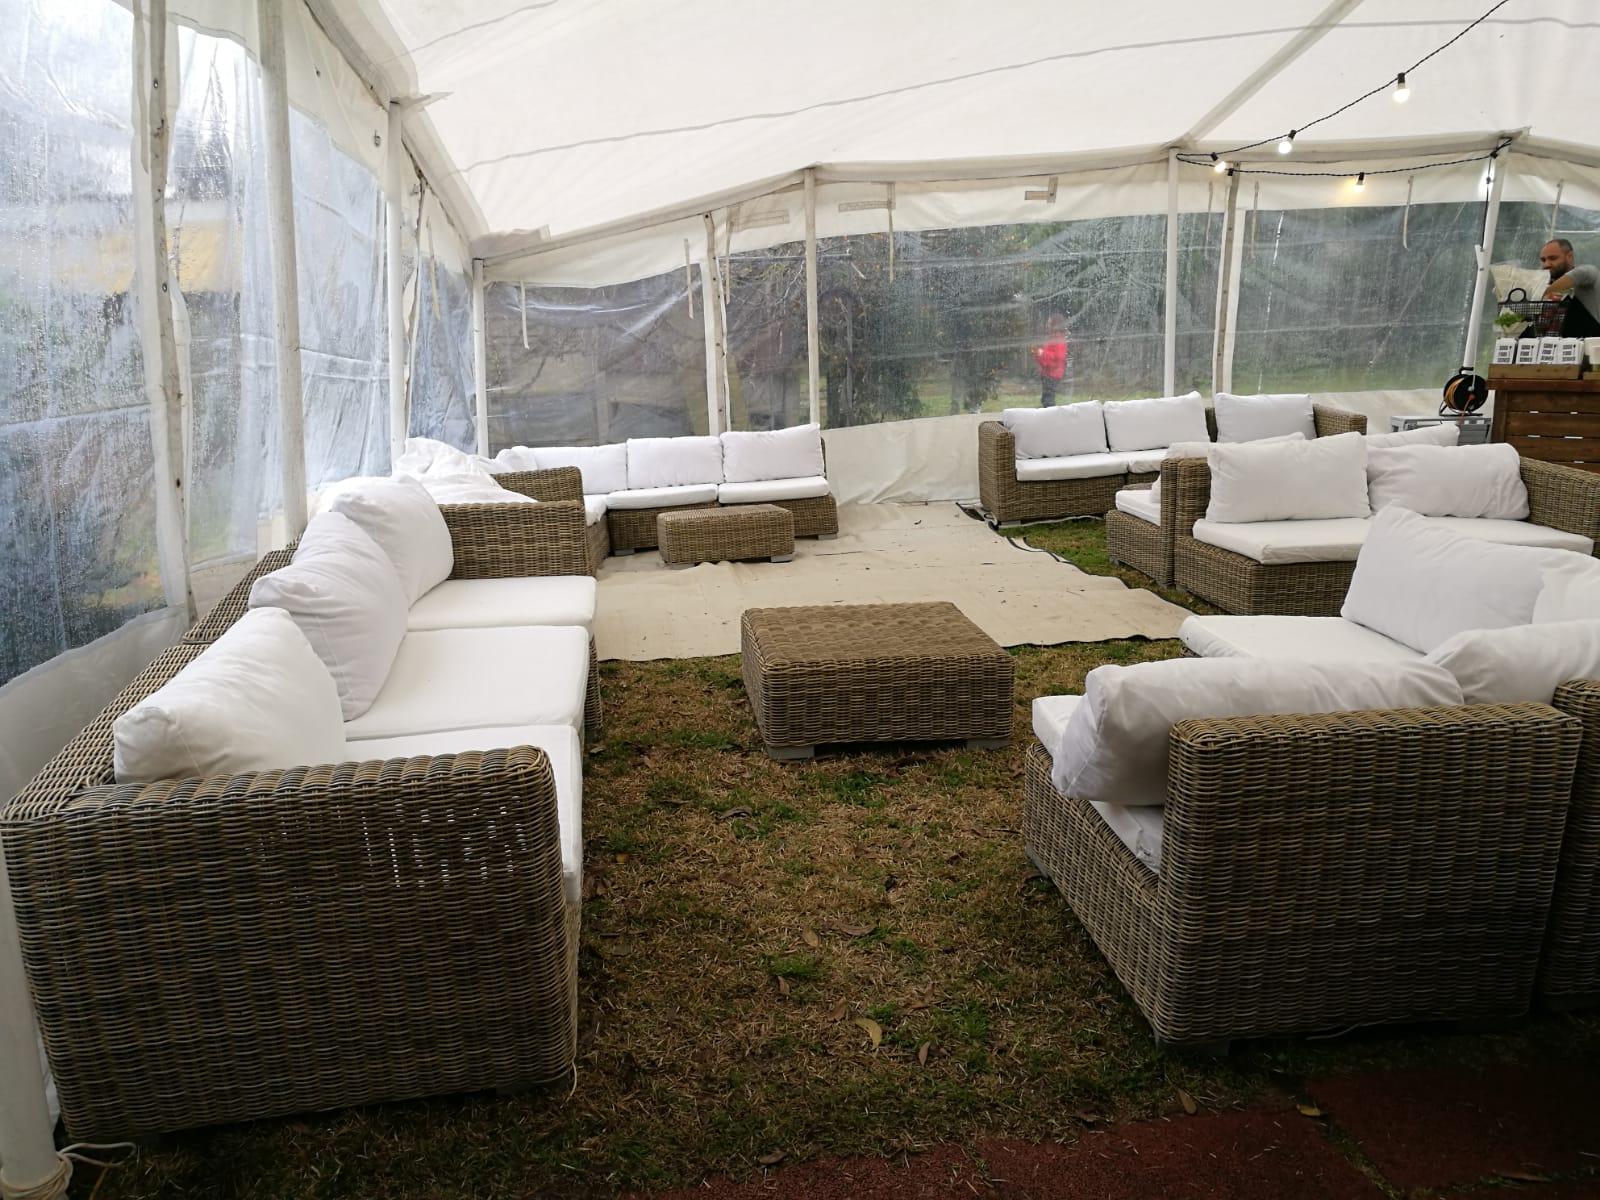 ישיבה נמוכה אוהל חורף